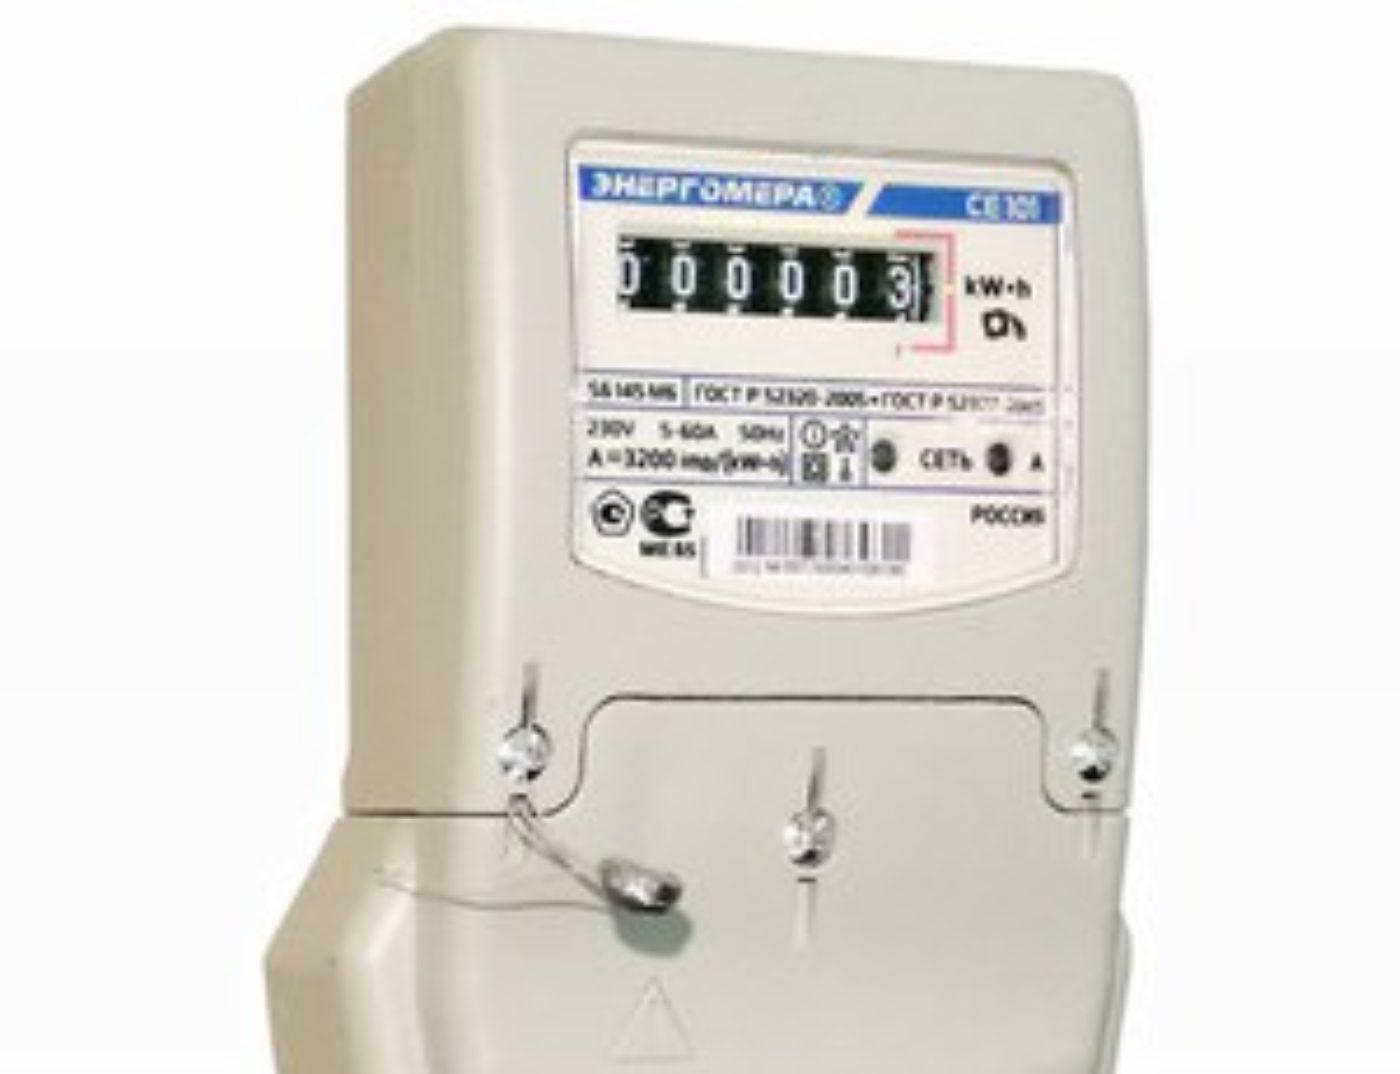 Счетчик электроэнергии — классификация приборов учета, межповерочный интервал и срок эксплуатации